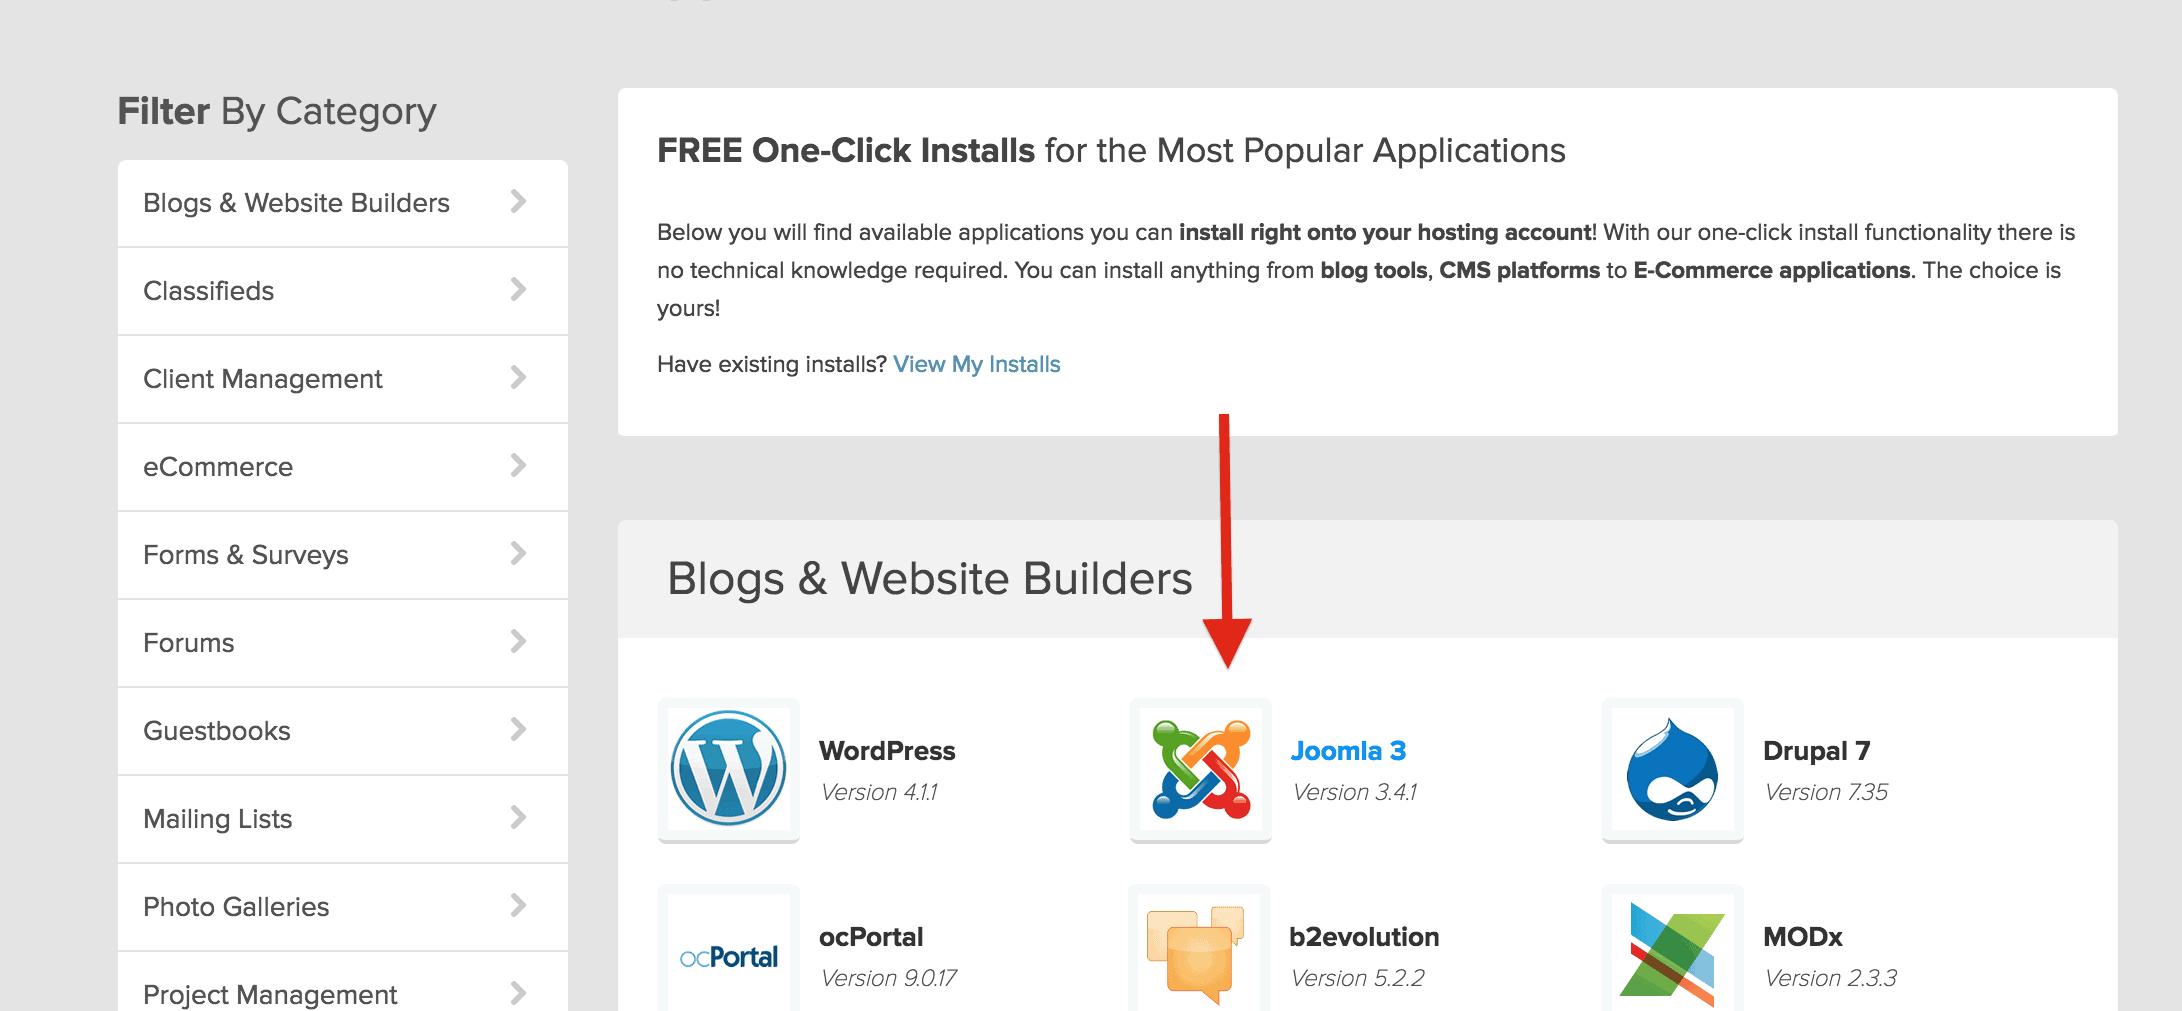 Joomla! 1.5: Quick Start Guide - Joomla! Help Site